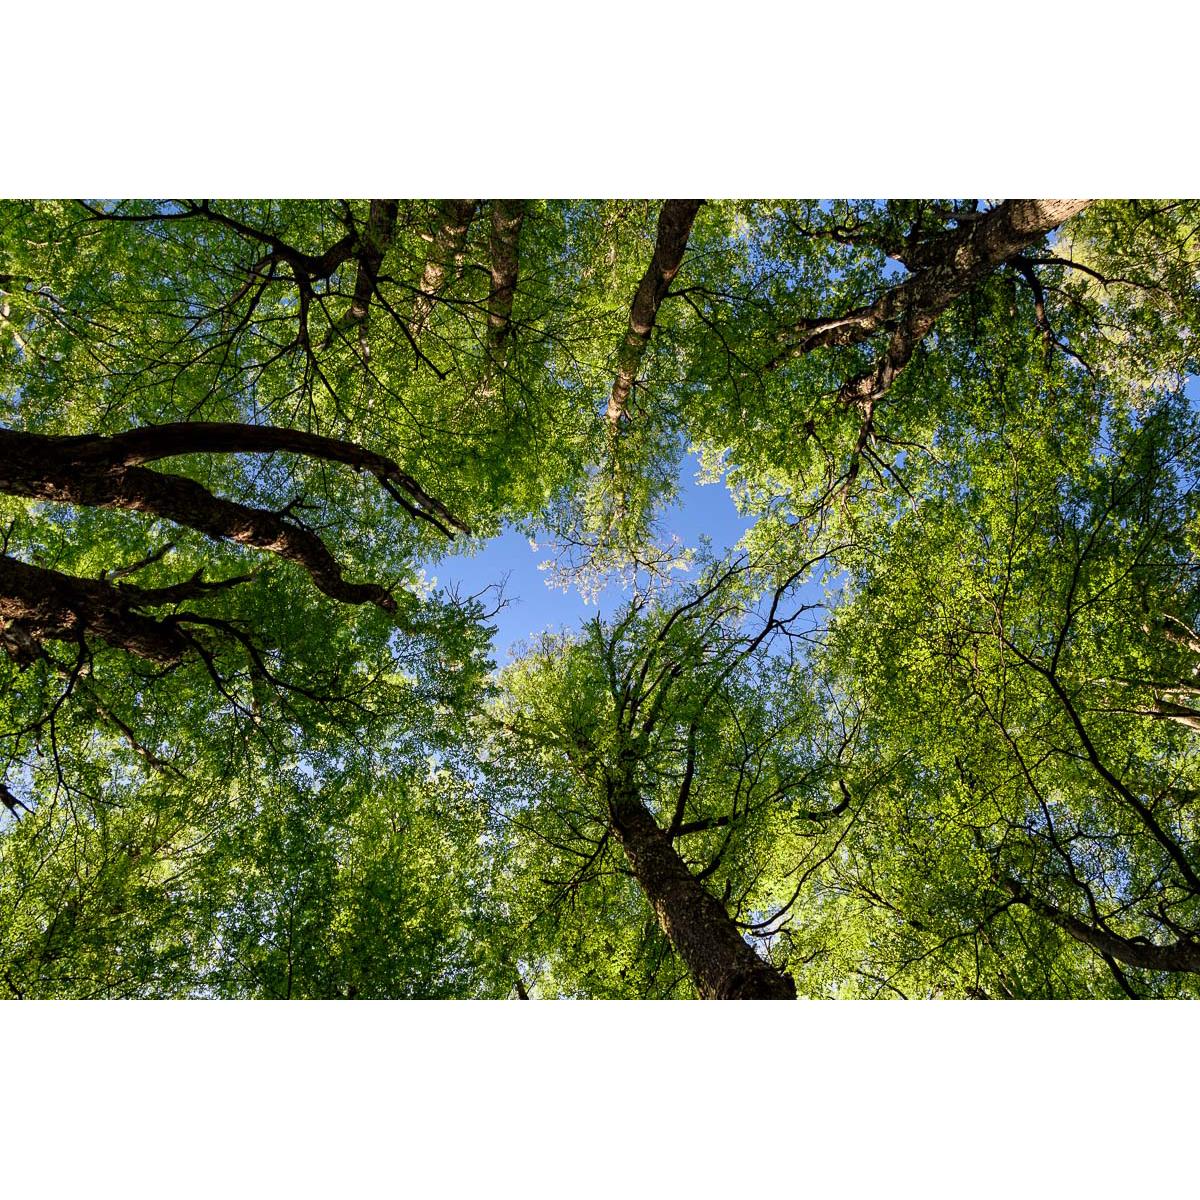 Patagonian Woods